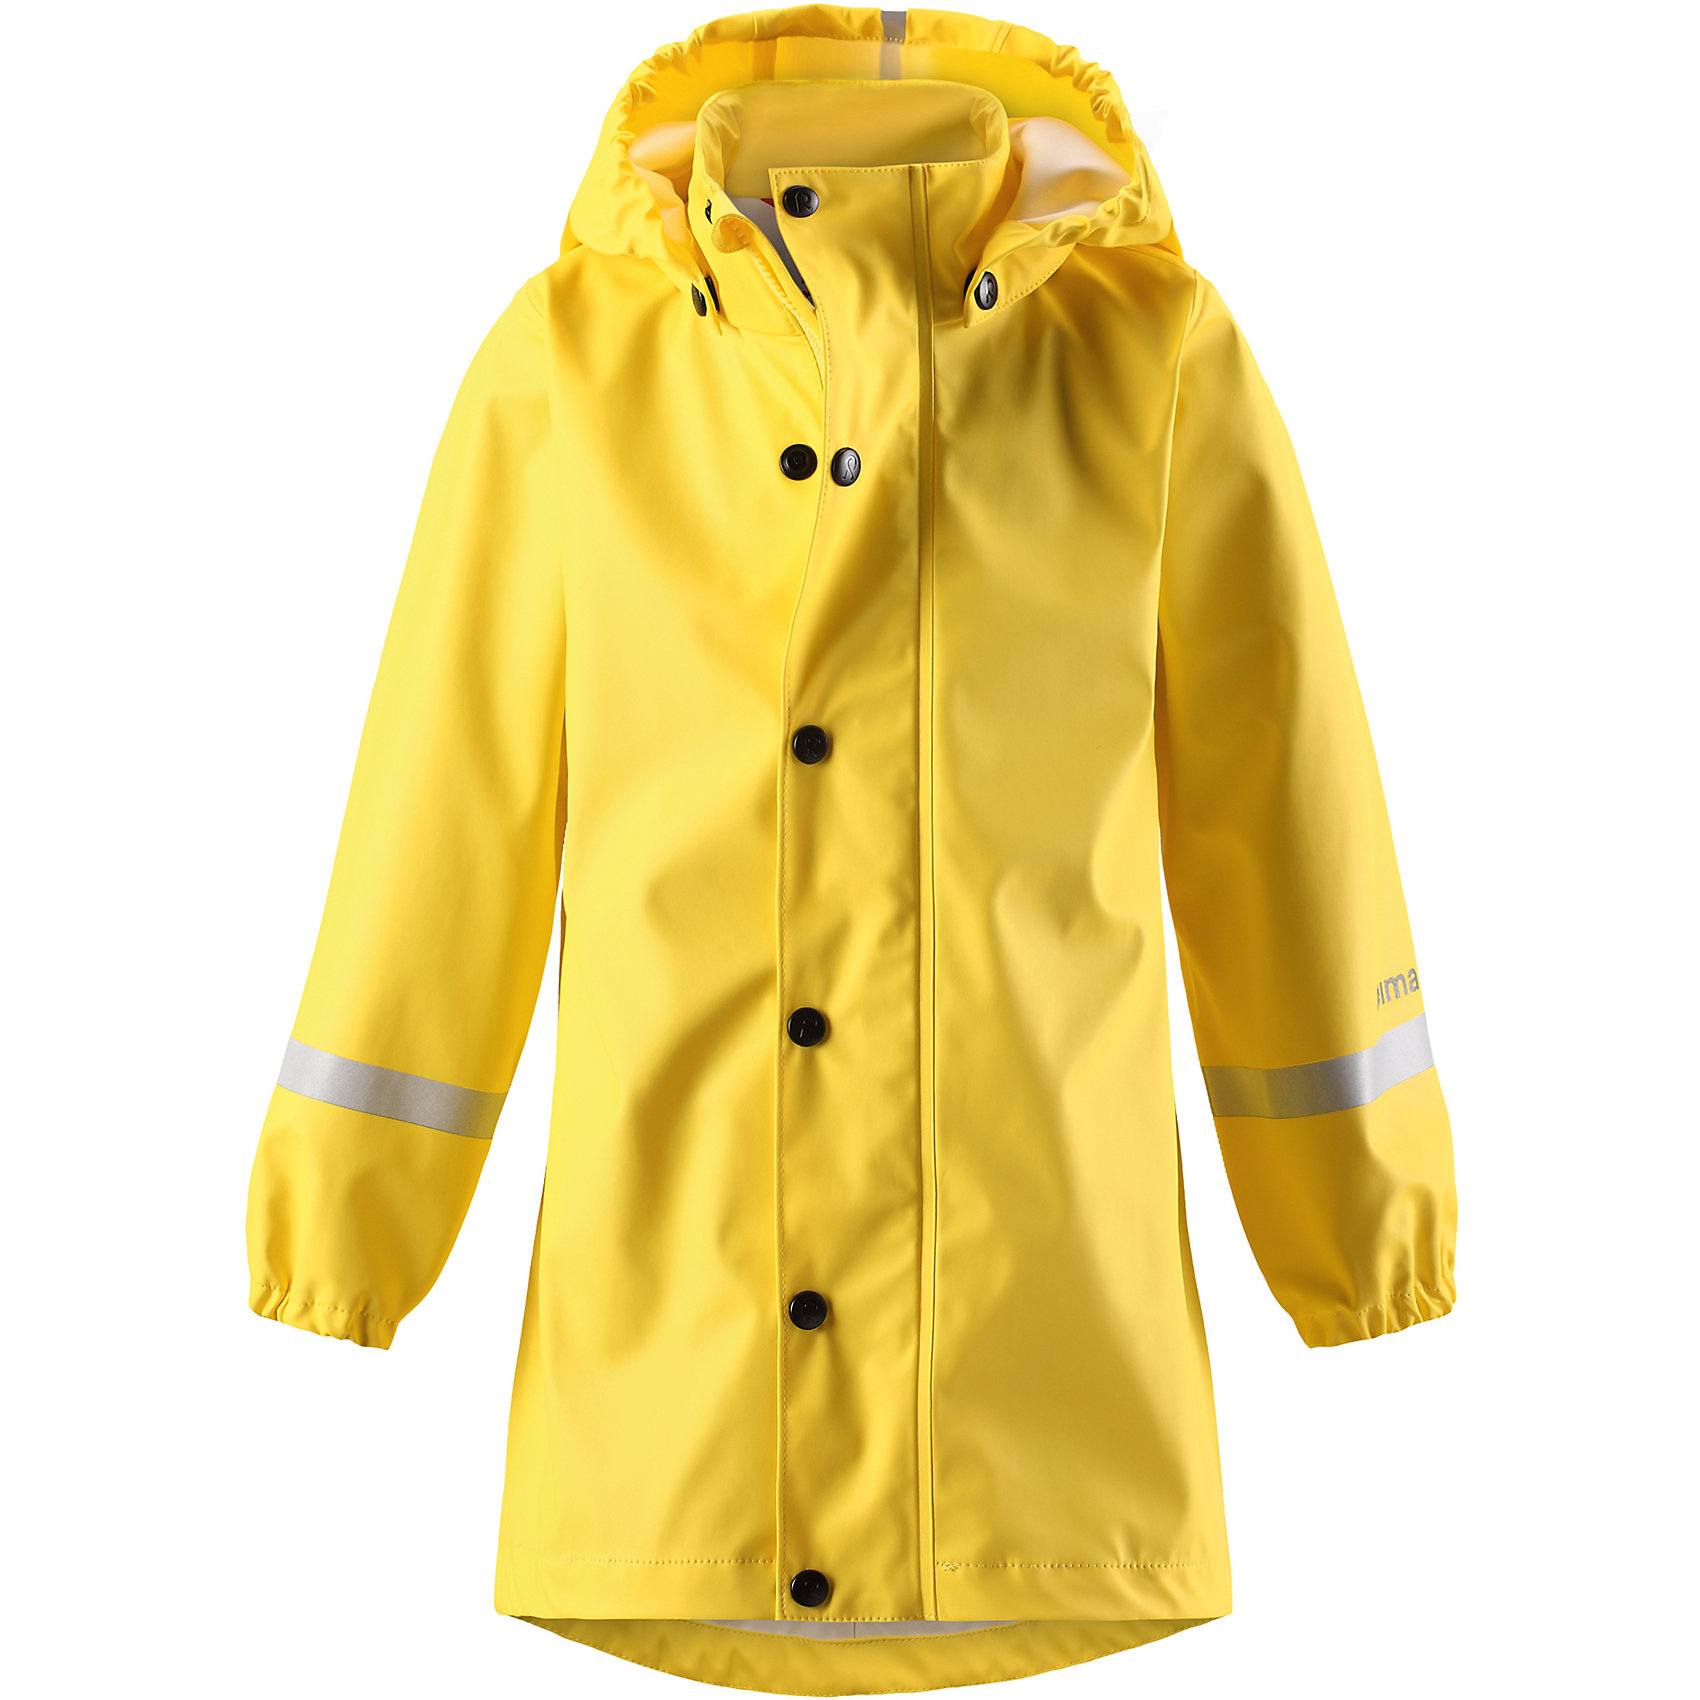 Плащ-дождевик Reima Vatten для девочкиОдежда<br>Характеристики товара:<br><br>• цвет: желтый;<br>• состав: 100% полиэстер;<br>• подкладка: 100% полиэстер;<br>• утеплитель: 160 г/м2<br>• температурный режим: от +15 до -15С;<br>• сезон: демисезон; <br>• запаянные швы, не пропускающие влагу;<br>• эластичный материал;<br>• без ПВХ;<br>• гладкая подкладка из полиэстера;<br>• эластичные манжеты;<br>• застежка: молния с дополнительной планкой на кнопках;<br>• безопасный съемный капюшон;<br>• трапециевидная форма с удлиненным сзади подолом;<br>• светоотражающие детали;<br>• страна бренда: Финляндия;<br>• страна изготовитель: Китай.<br><br>Куртка-дождевик изготовлена из удобного, эластичного материала, не содержащего ПВХ. Швы запаяны и абсолютно водонепроницаемы. Новый трапециевидный силуэт с удлиненной спинкой обеспечивает эффективную защиту от дождя. <br>Куртка-дождевик не деревенеет на морозе, поэтому ее можно носить круглый год – просто добавьте в холодную погоду теплый промежуточный слой. Съемный капюшон защитит даже от ливня, при этом он безопасен во время прогулок в дождливый день. Молния спереди во всю длину и множество светоотражающих деталей.<br><br><br>Плащ-дождевик Vatten для девочки Reima от финского бренда Reima (Рейма) можно купить в нашем интернет-магазине.<br><br>Ширина мм: 356<br>Глубина мм: 10<br>Высота мм: 245<br>Вес г: 519<br>Цвет: желтый<br>Возраст от месяцев: 108<br>Возраст до месяцев: 120<br>Пол: Женский<br>Возраст: Детский<br>Размер: 140,104,110,116,122,128,134<br>SKU: 6907704